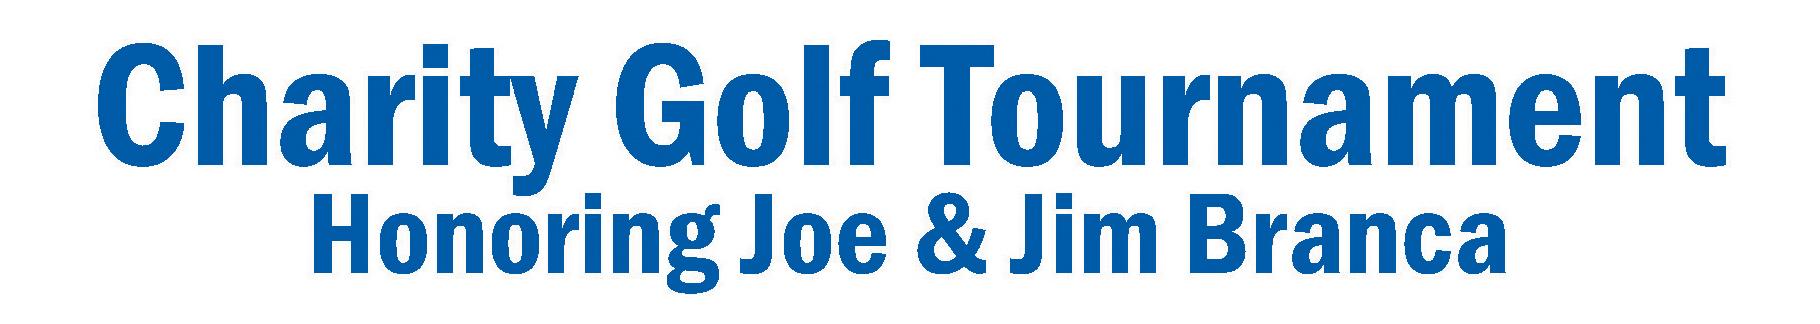 Golf Tournament Title.jpg